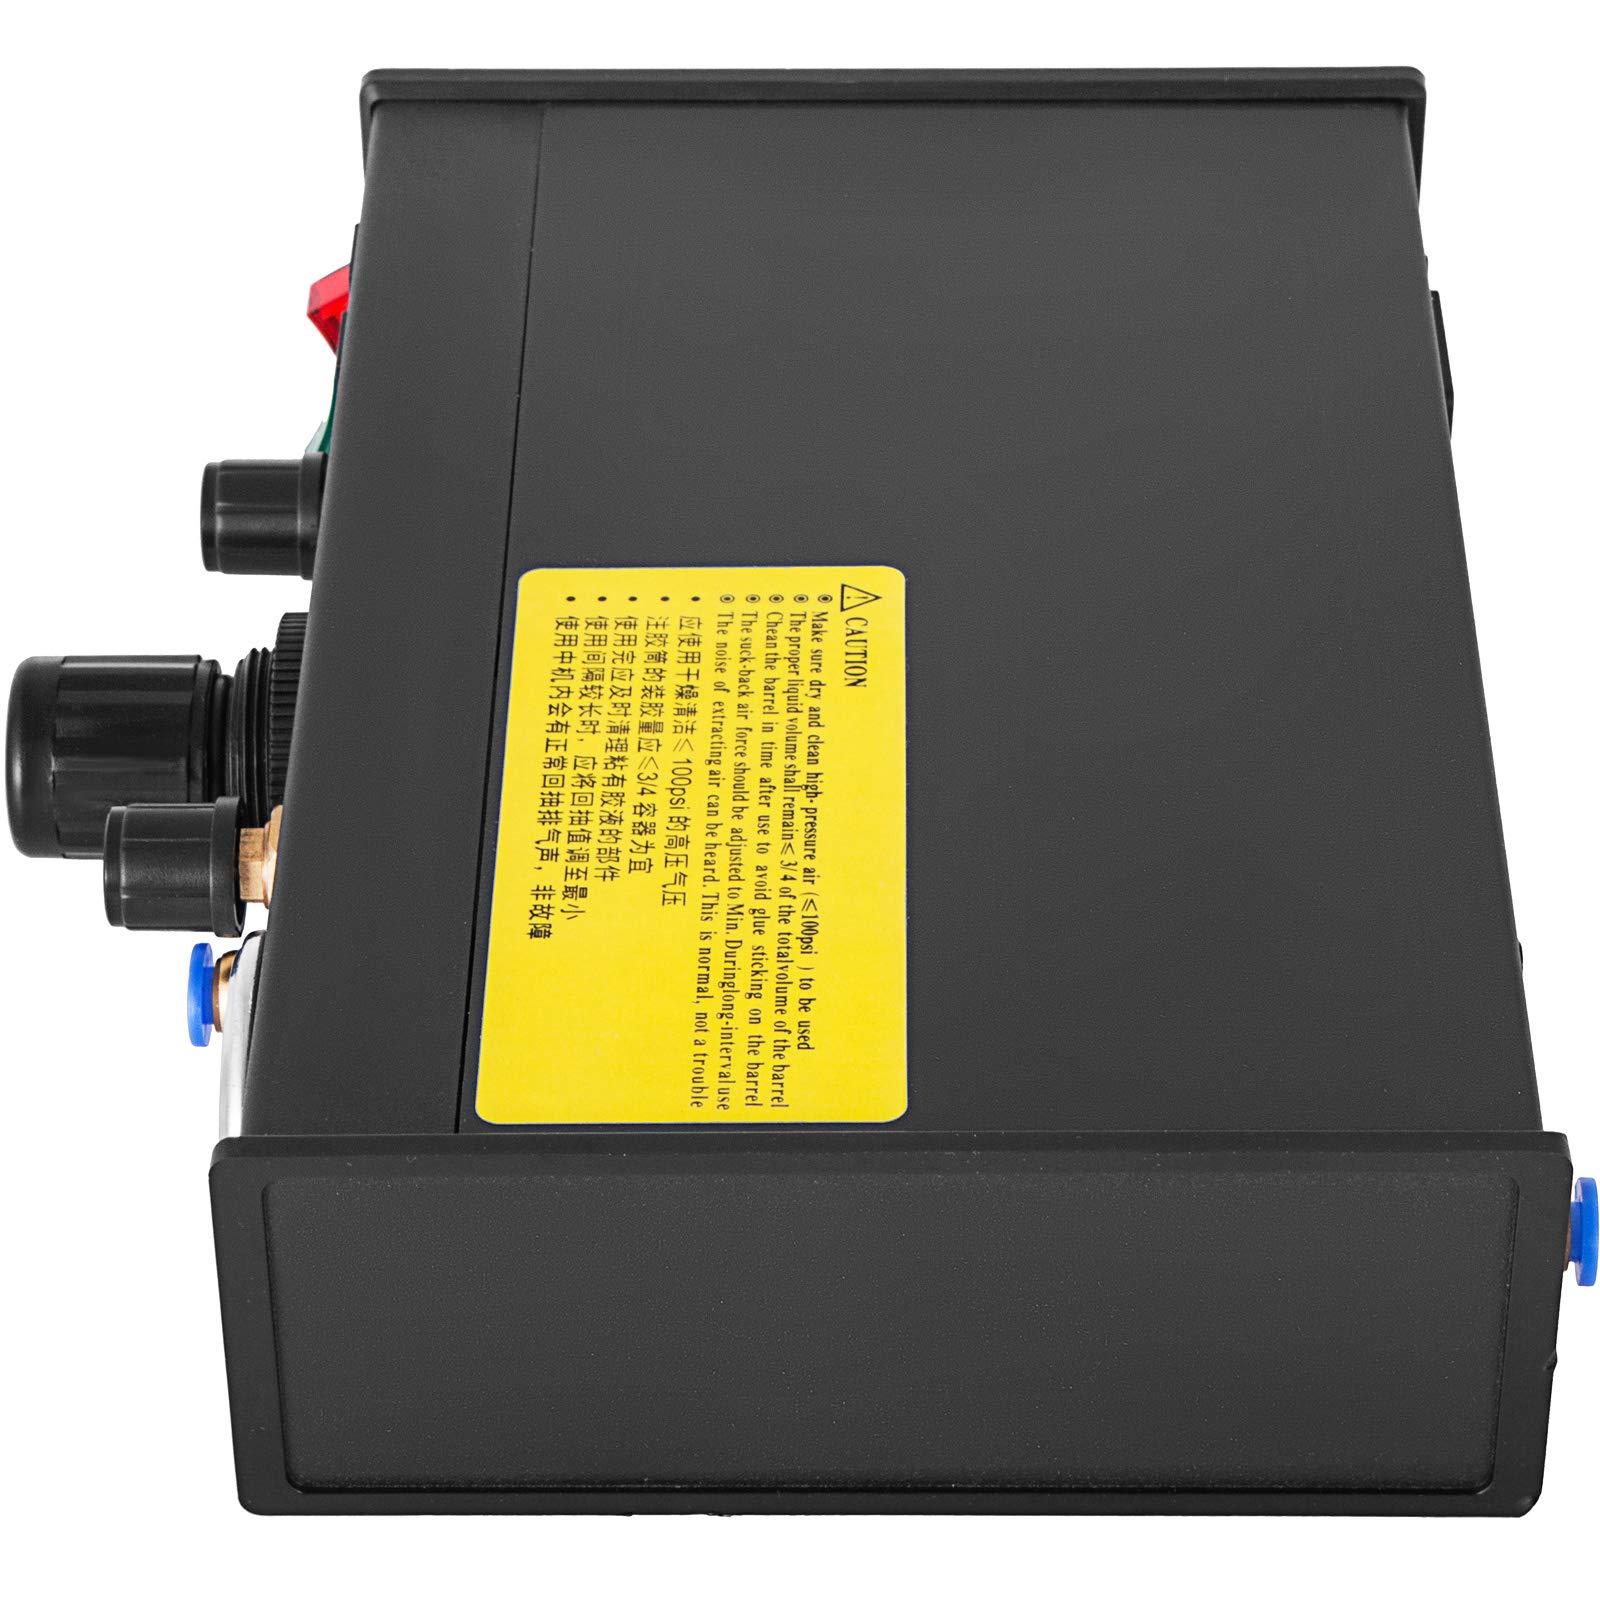 VEVOR Auto Glue Dispenser Dual Controller 24V DC Solder Paste Glue Dropper 982A Digital Display Solder Paste Liquid Controller Dropper Machine by VEVOR (Image #5)